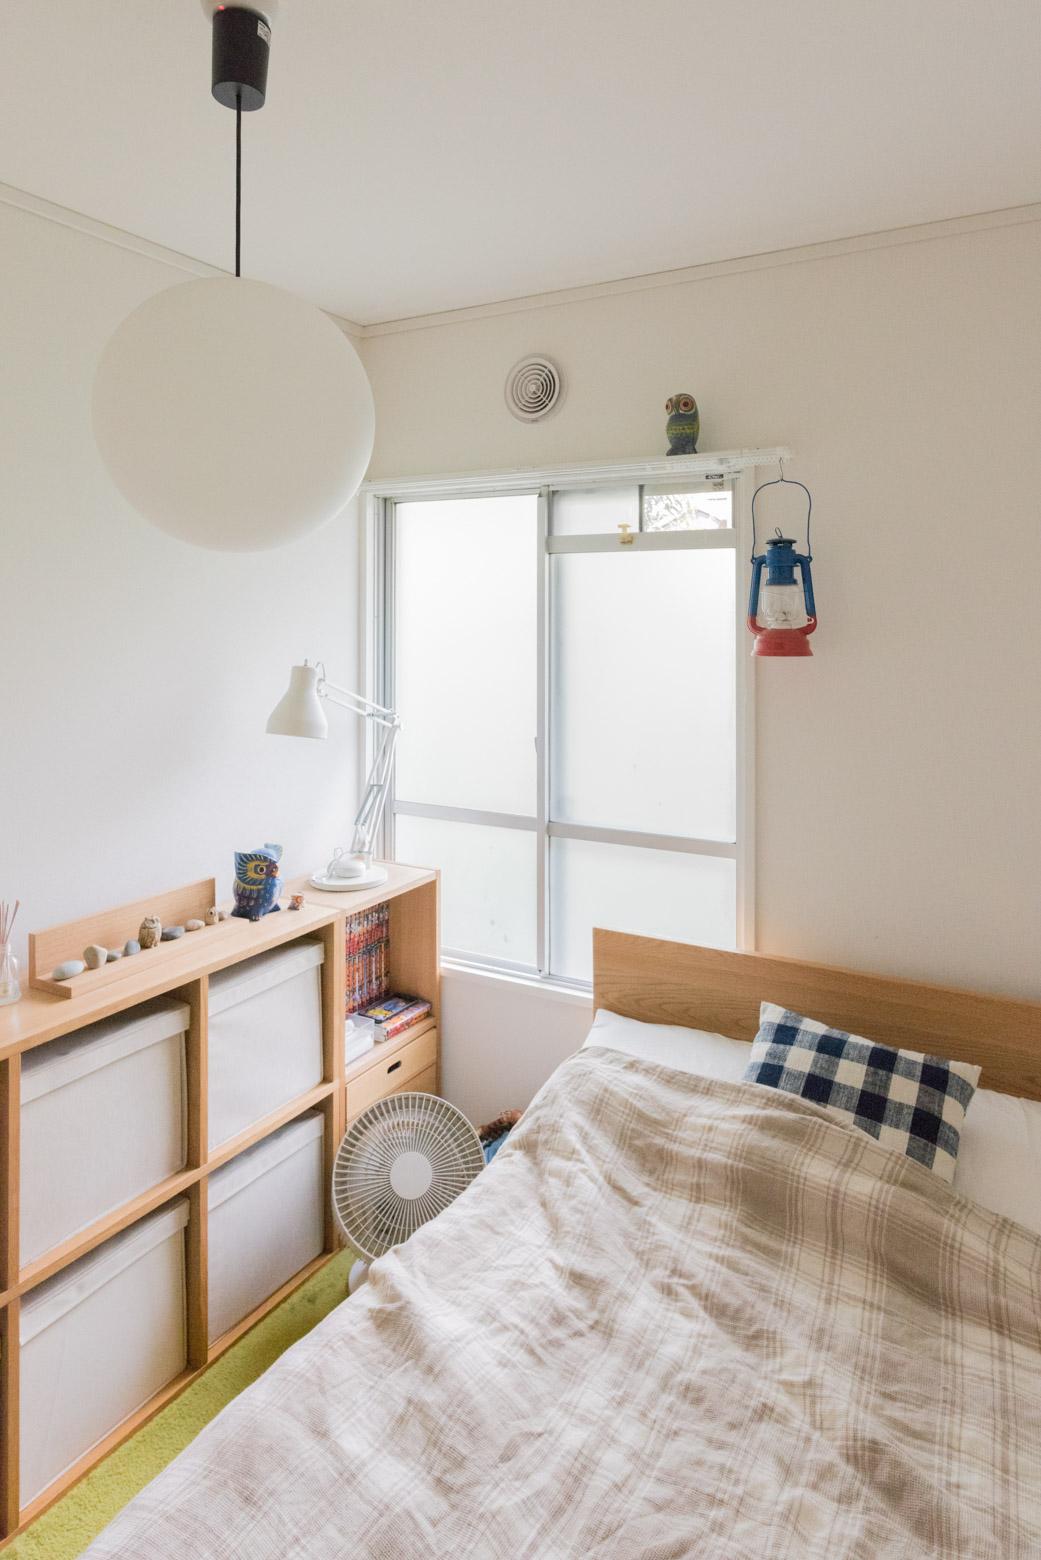 こちらは玄関脇にある寝室。決して広くはないが、すばらしく居心地が良かった。そしてあちこちキュート。